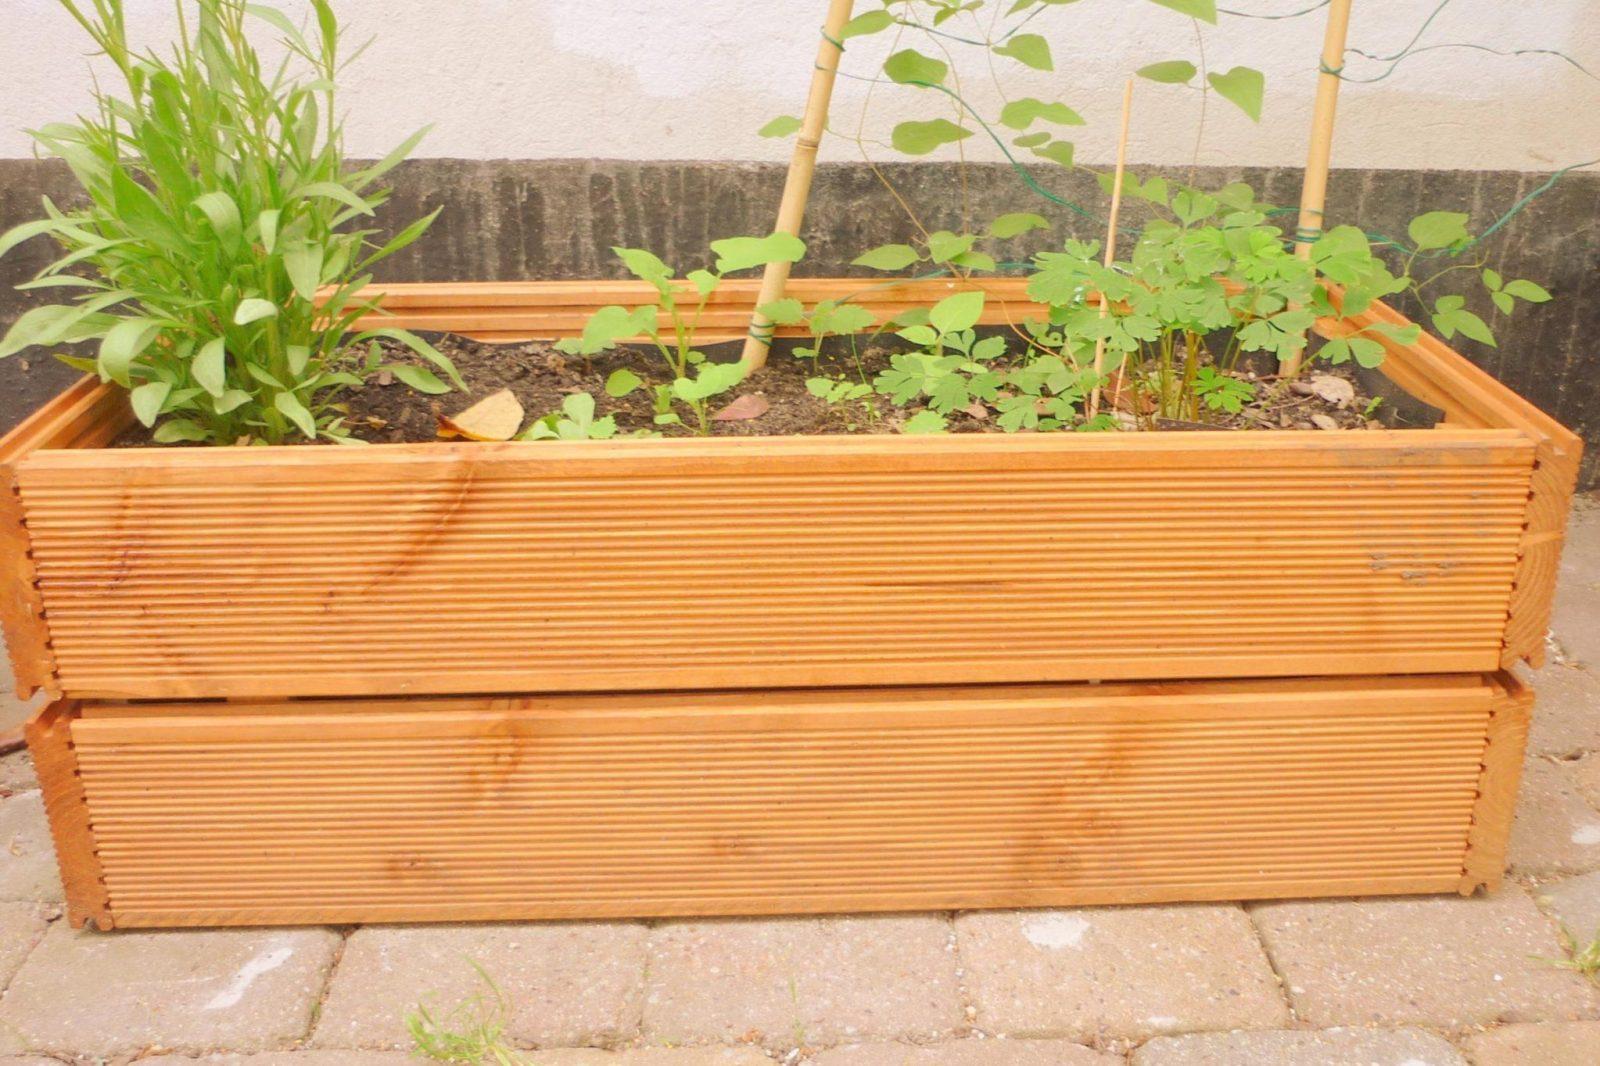 Pflanztrog Holz Selber Bauen  Die Schönsten Einrichtungsideen von Holz Blumenkübel Selber Bauen Bild